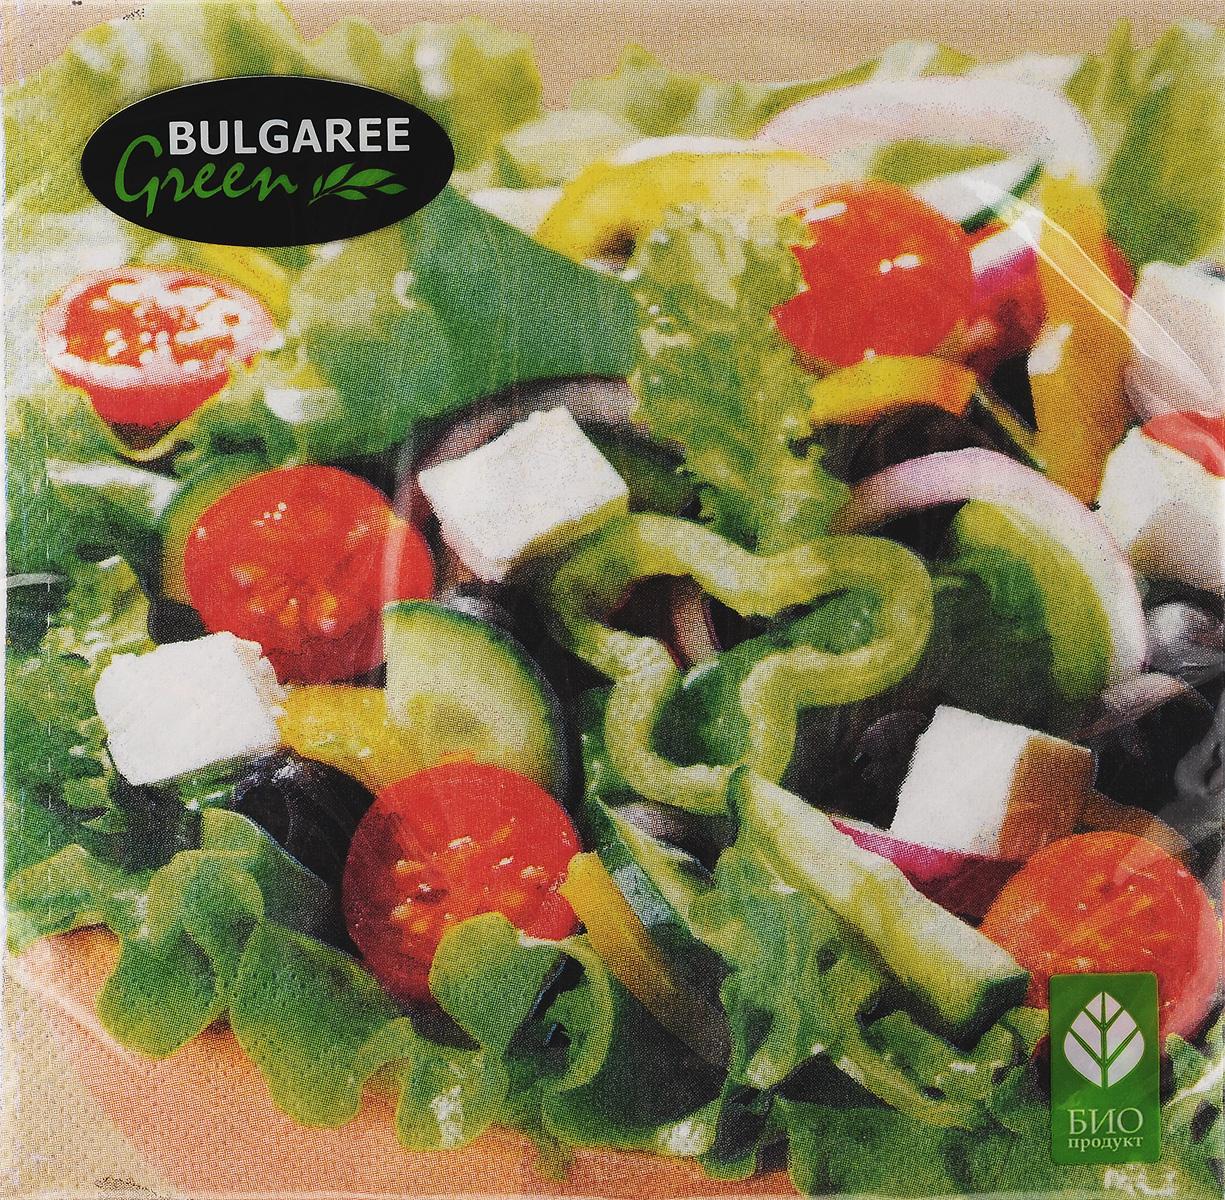 Салфетки бумажные Bulgaree Green Греческий салат, трехслойные, 33 х 33 см, 20 шт1002054Декоративные трехслойные салфетки Bulgaree Green Греческий салат выполнены из 100%целлюлозы европейского качества и оформлены ярким рисунком. Изделия станут отличным дополнением любого праздничного стола. Они отличаются необычной мягкостью, прочностью и оригинальностью.Размер салфеток в развернутом виде: 33 х 33 см.